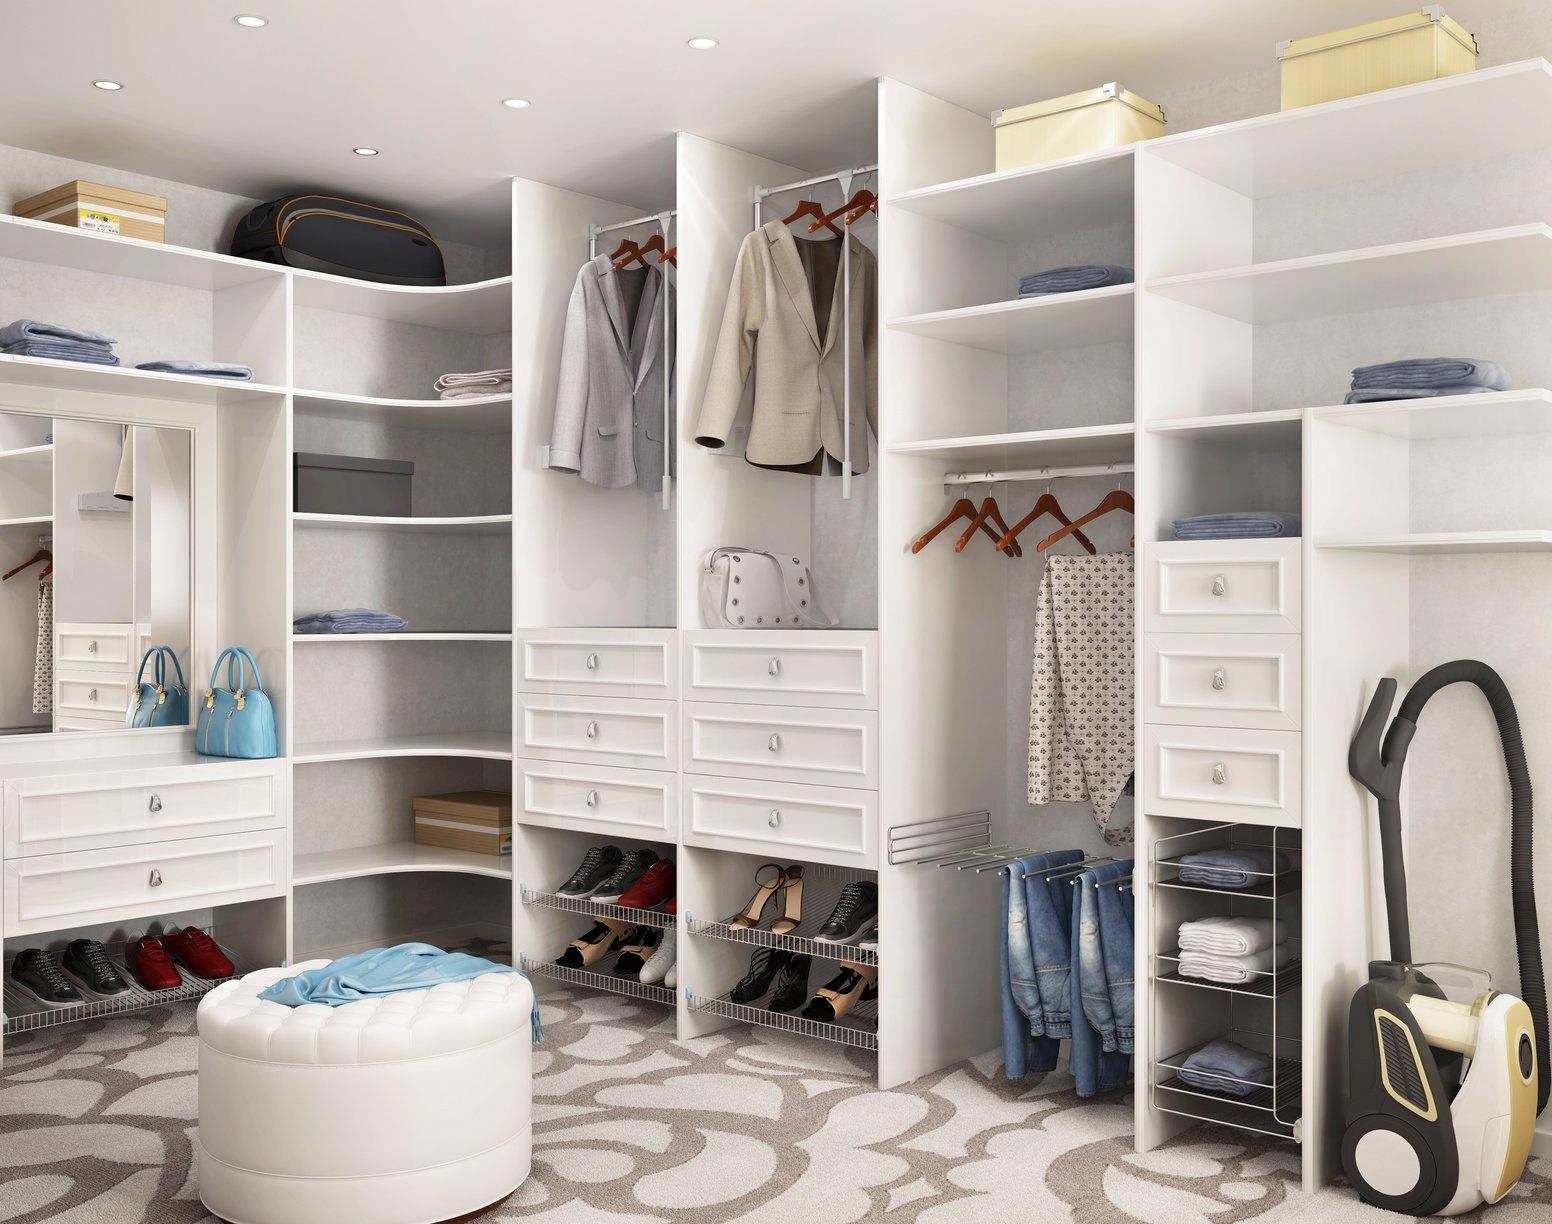 30 Trendy Closet Design Ideas- Closet Designs And More